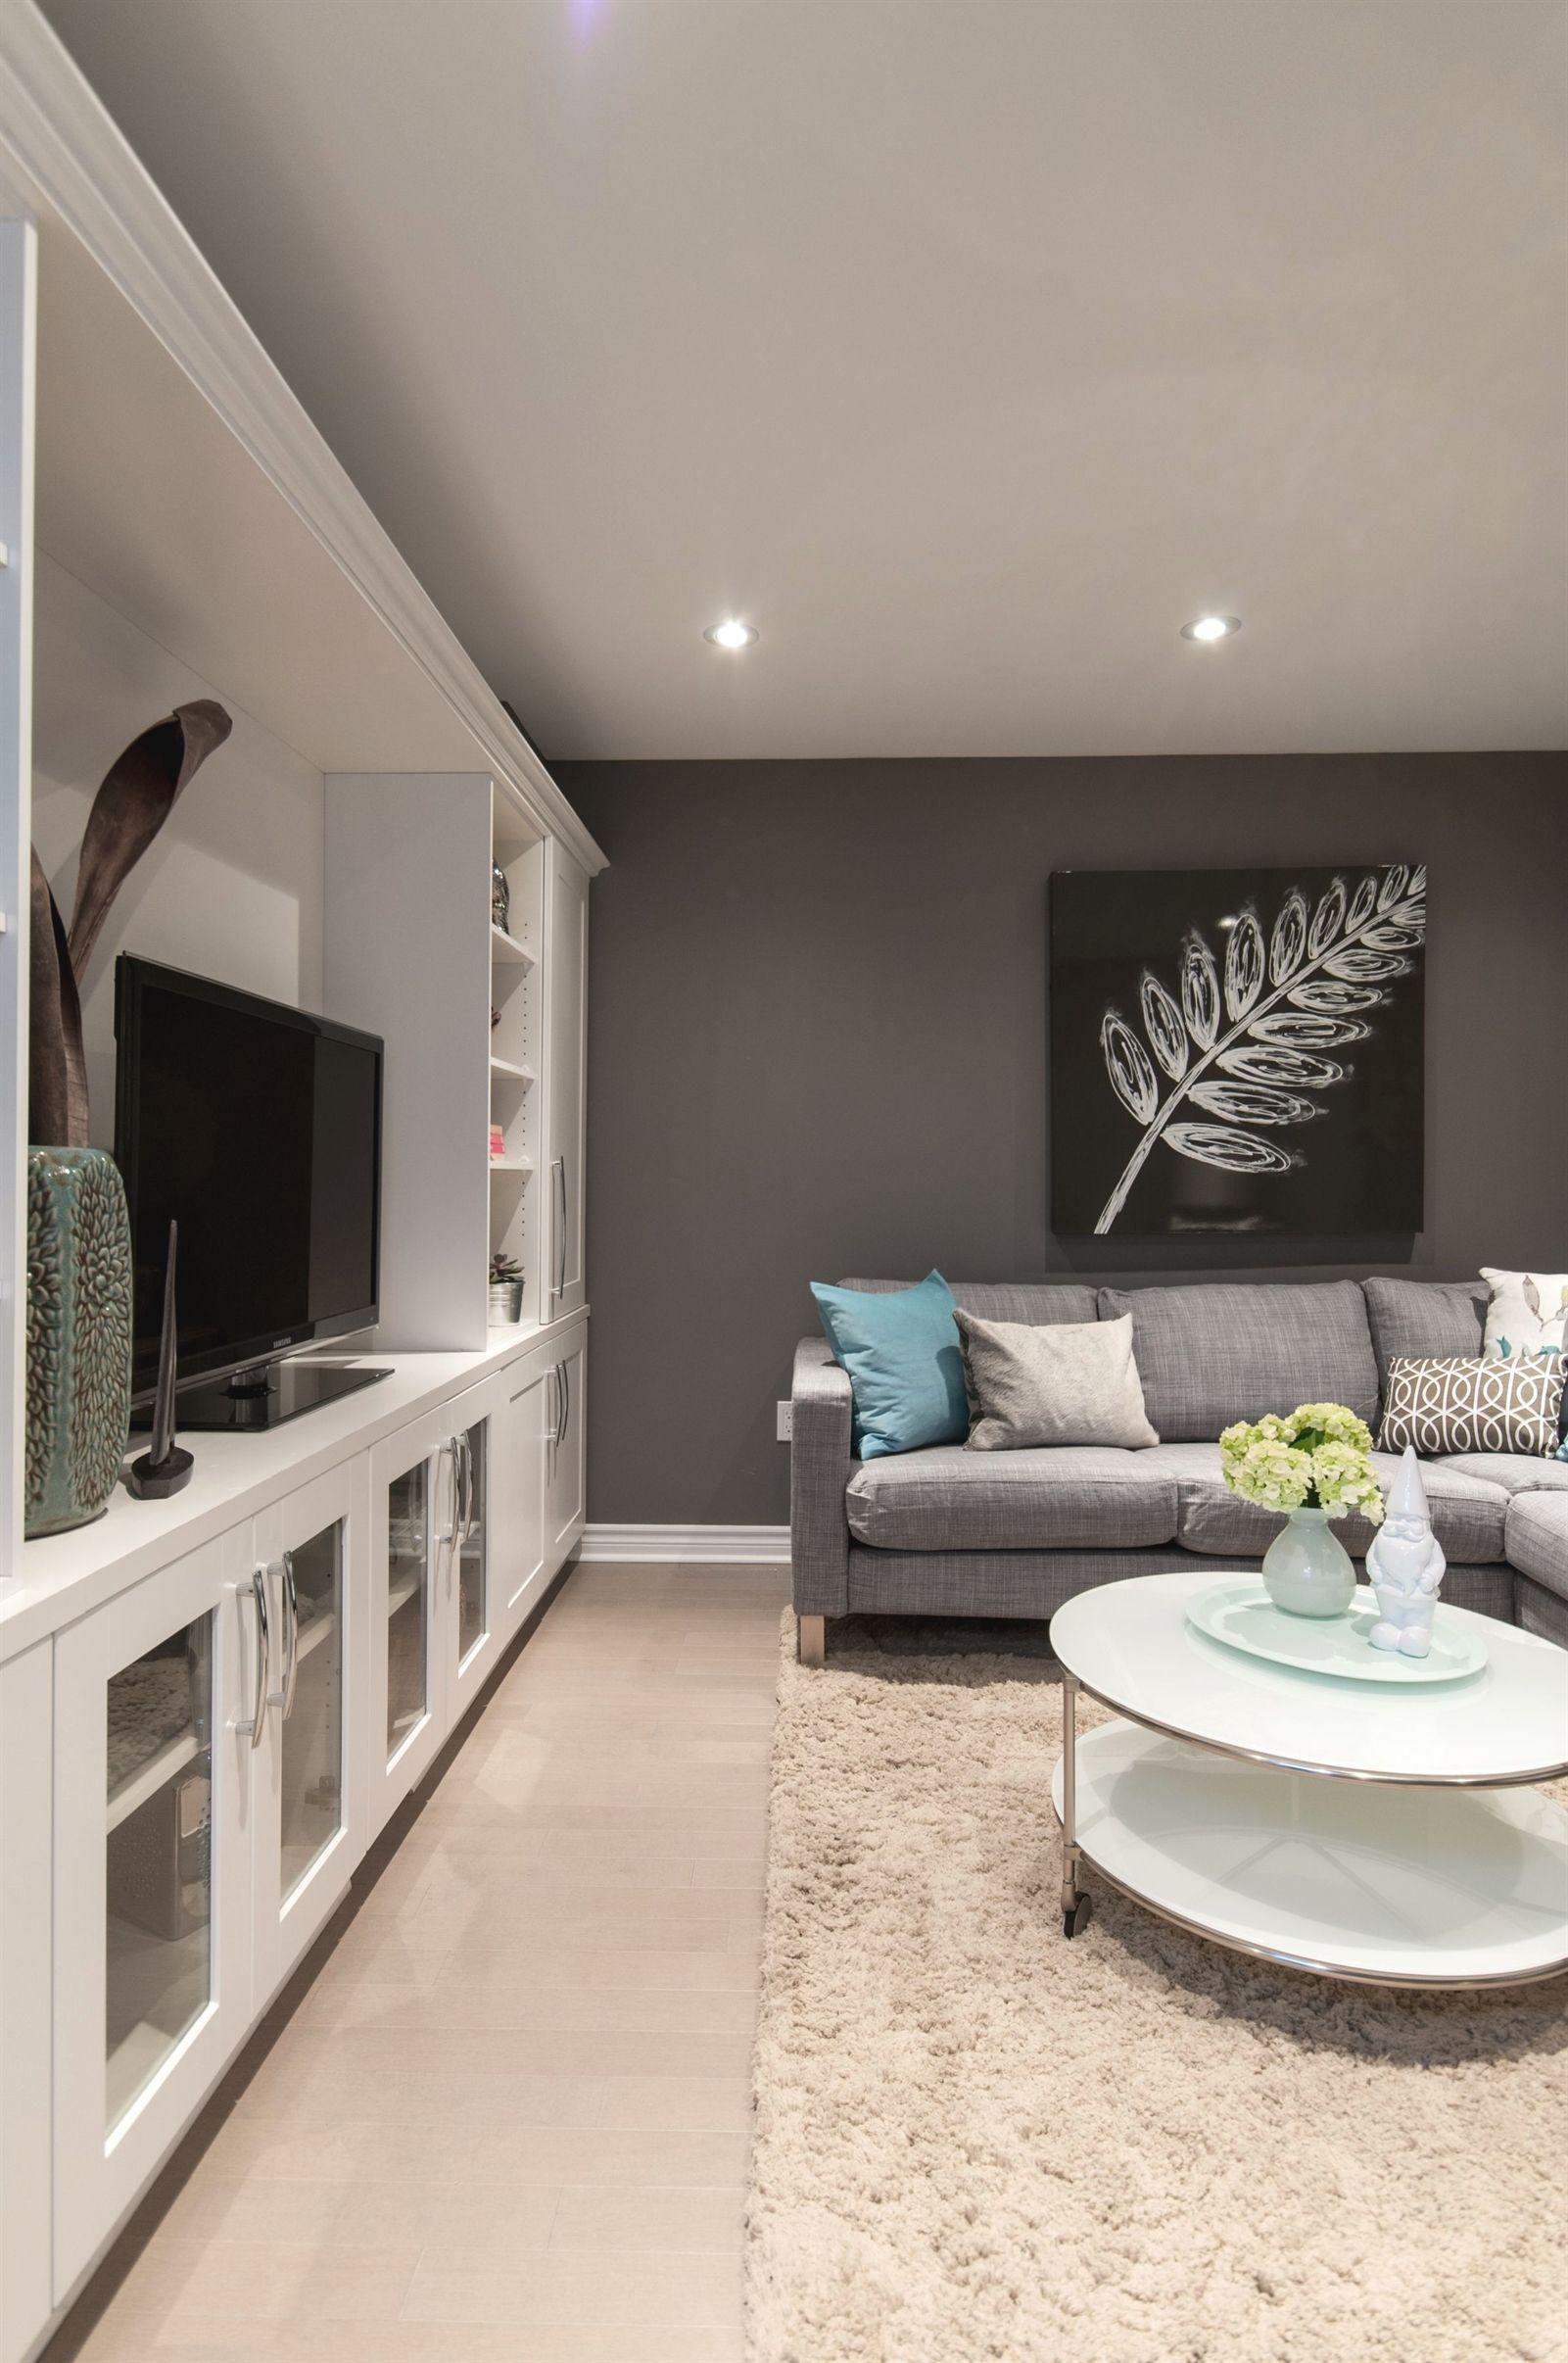 Basements Rec room basement, Room redesign, Basement colors